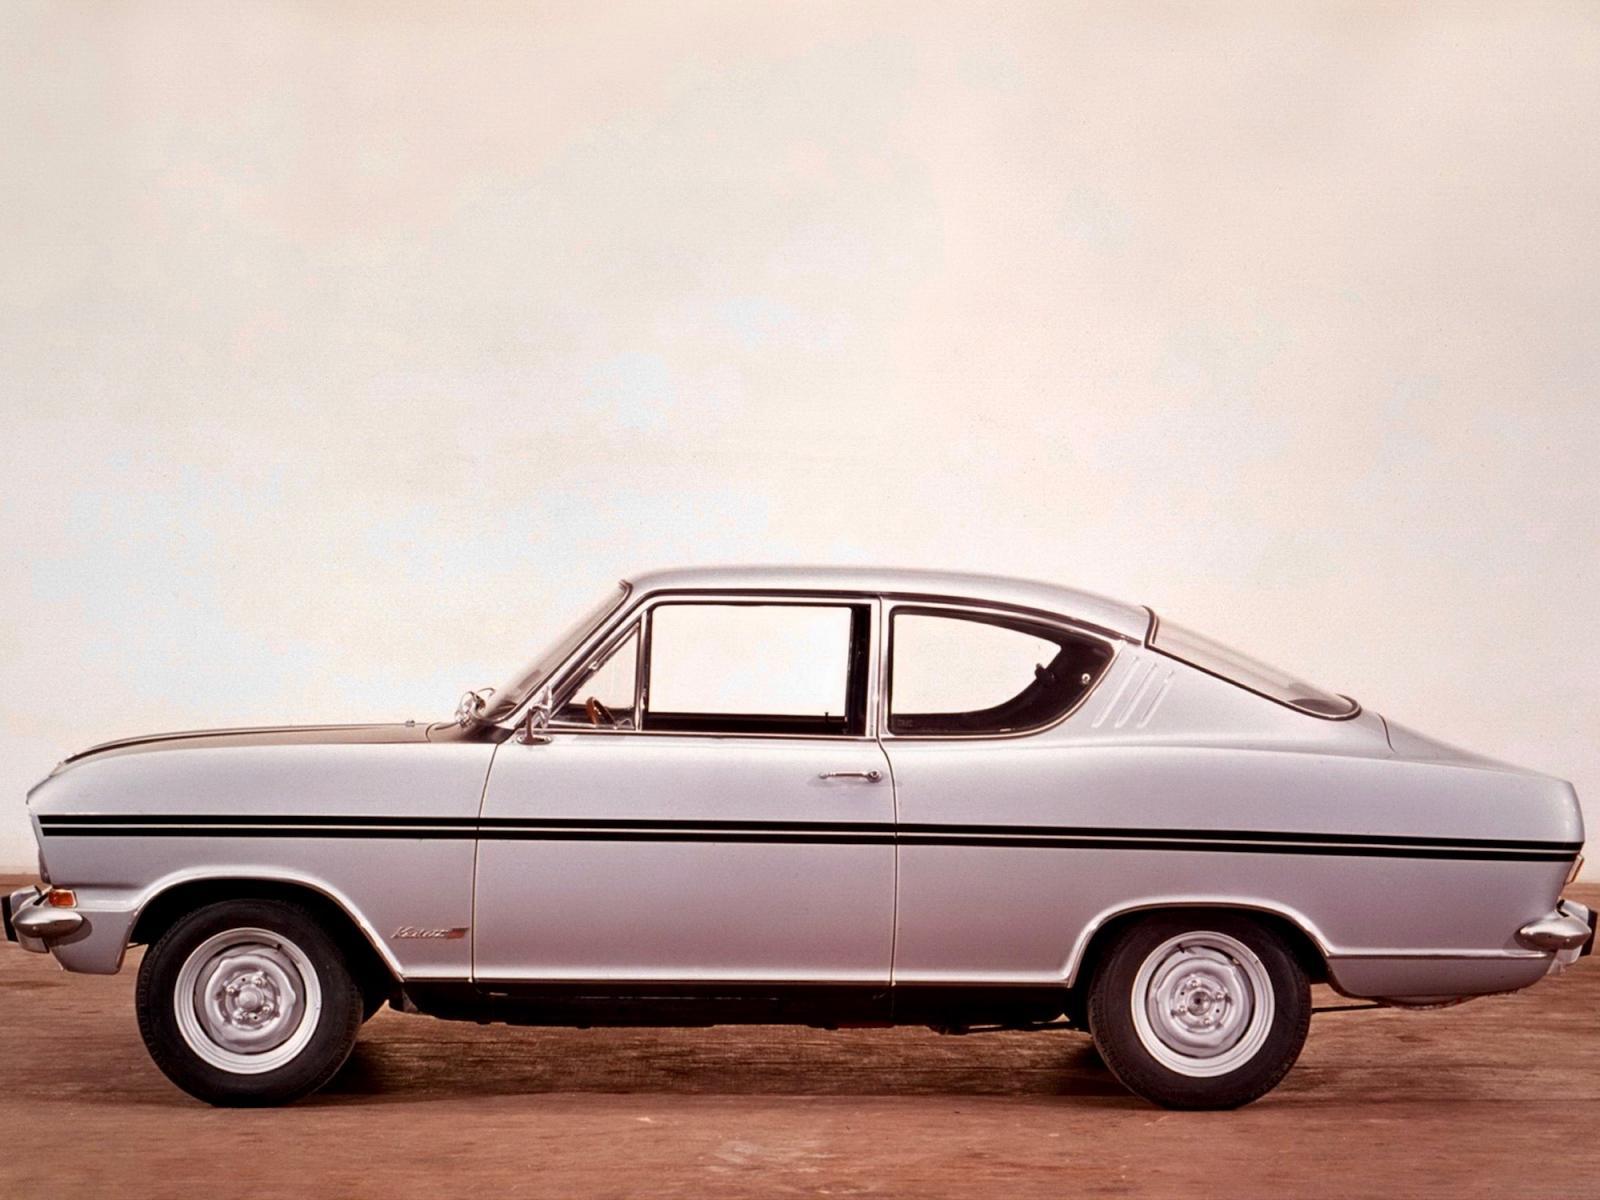 opel-kadett-rallye-1100-sr-1